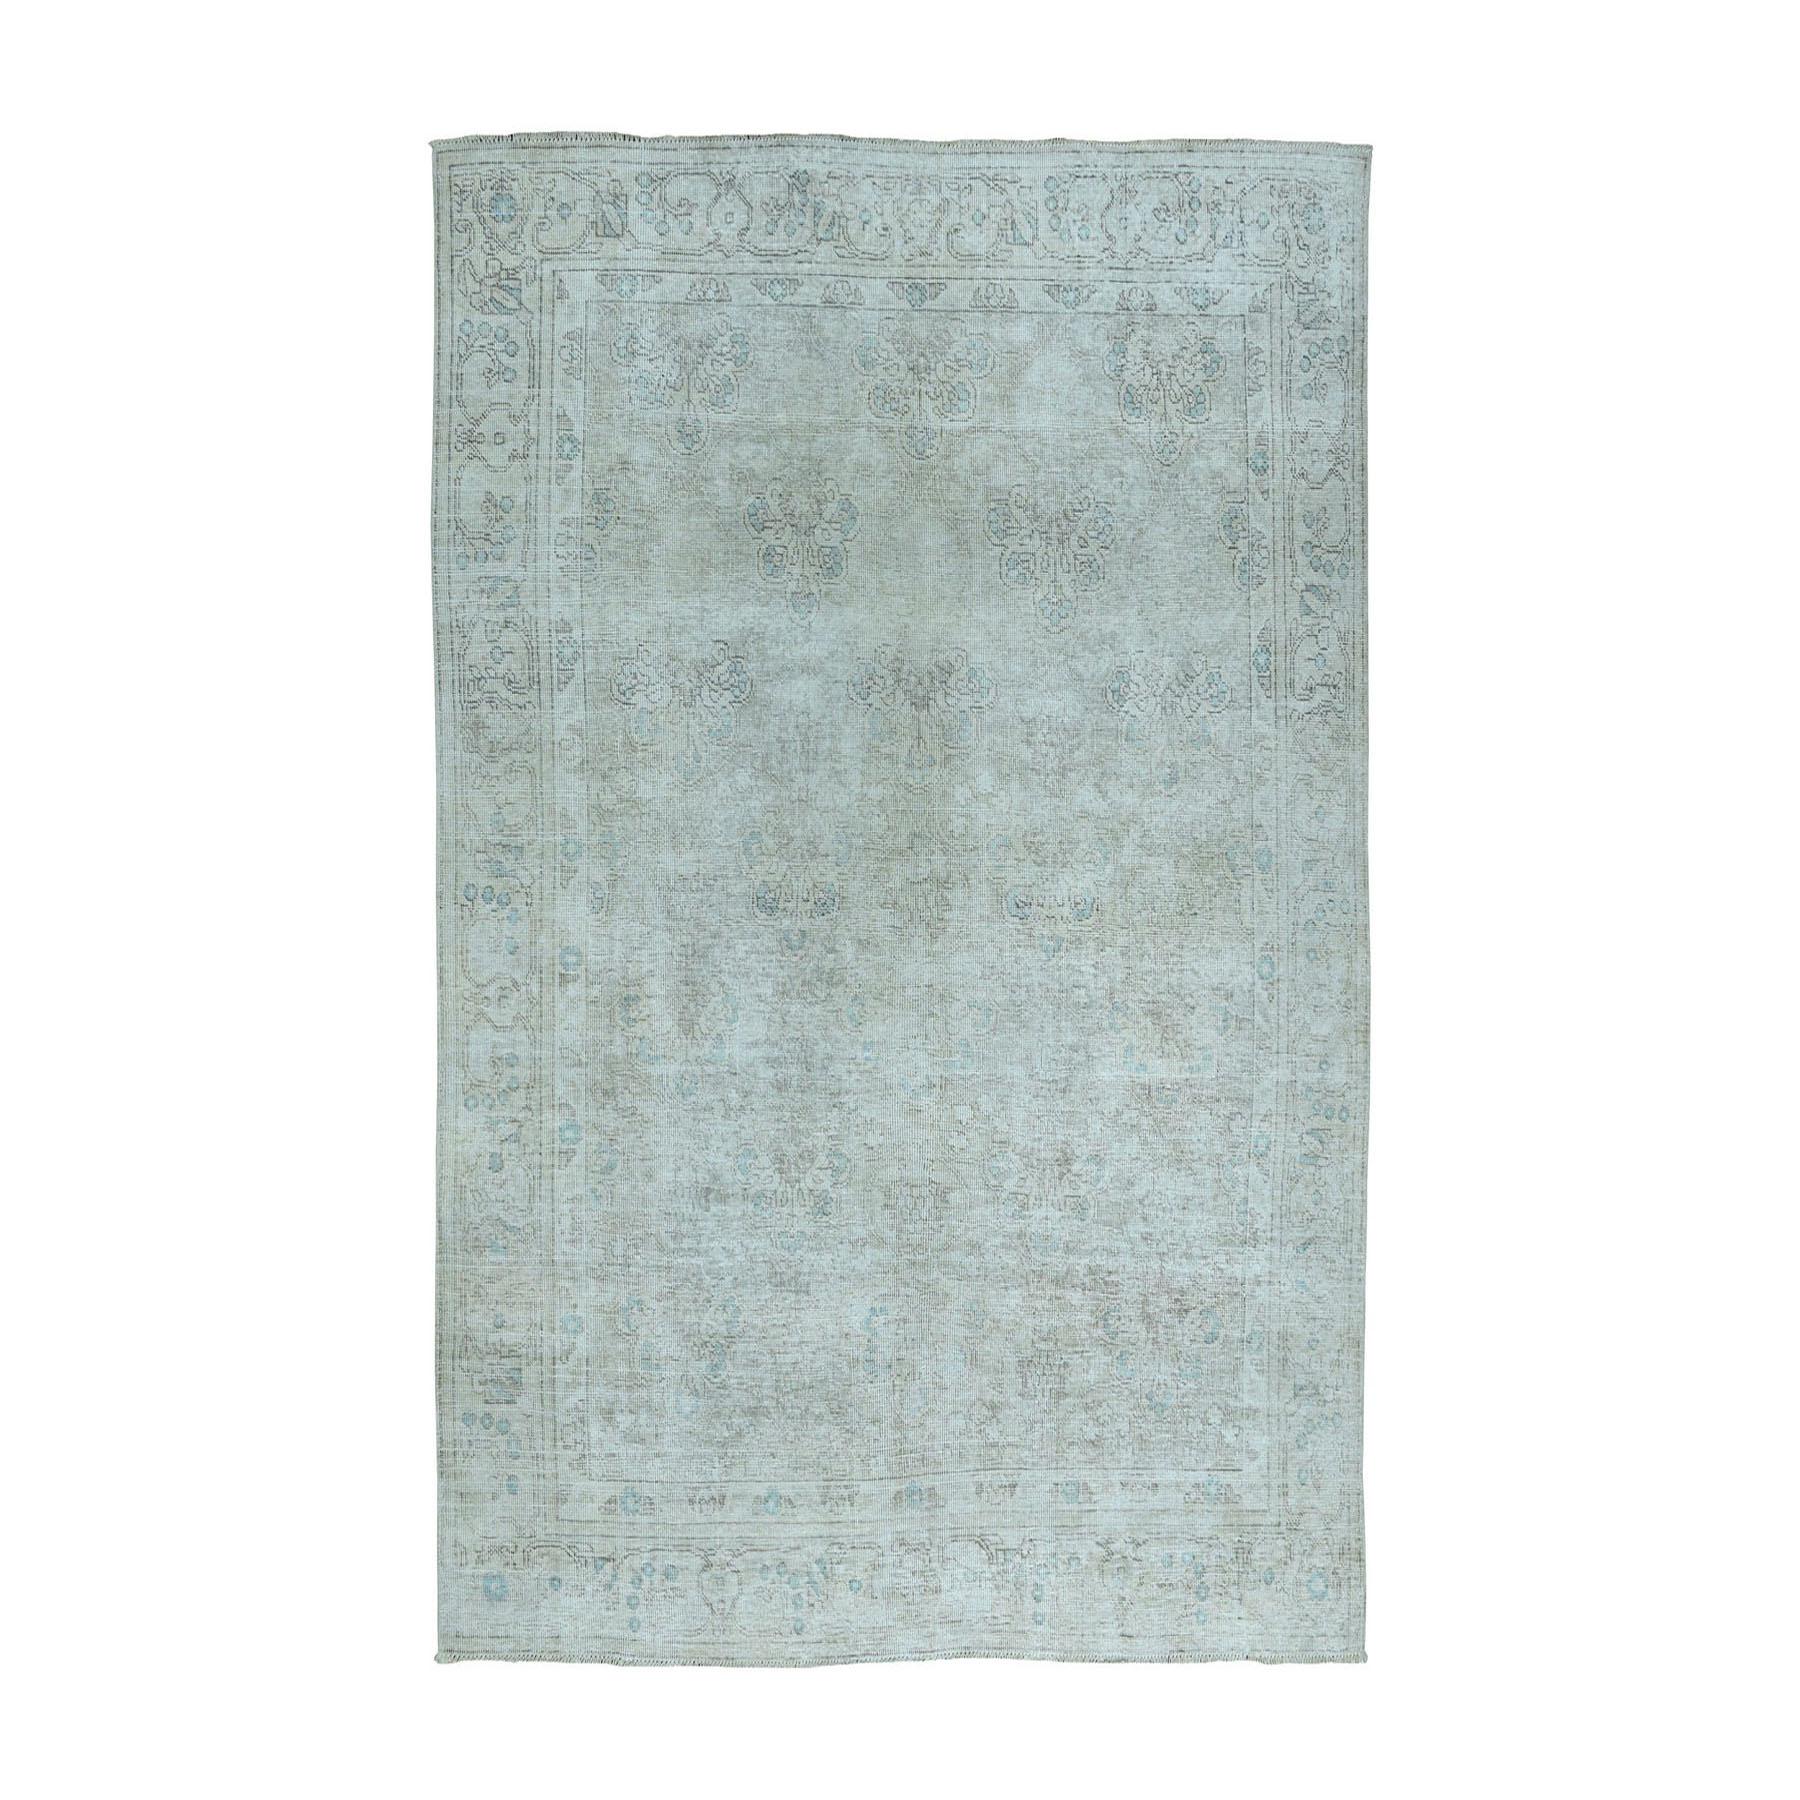 """6'5""""x9'1"""" Vintage White Wash Tabriz Worn Wool Hand-Knotted Oriental Rug"""